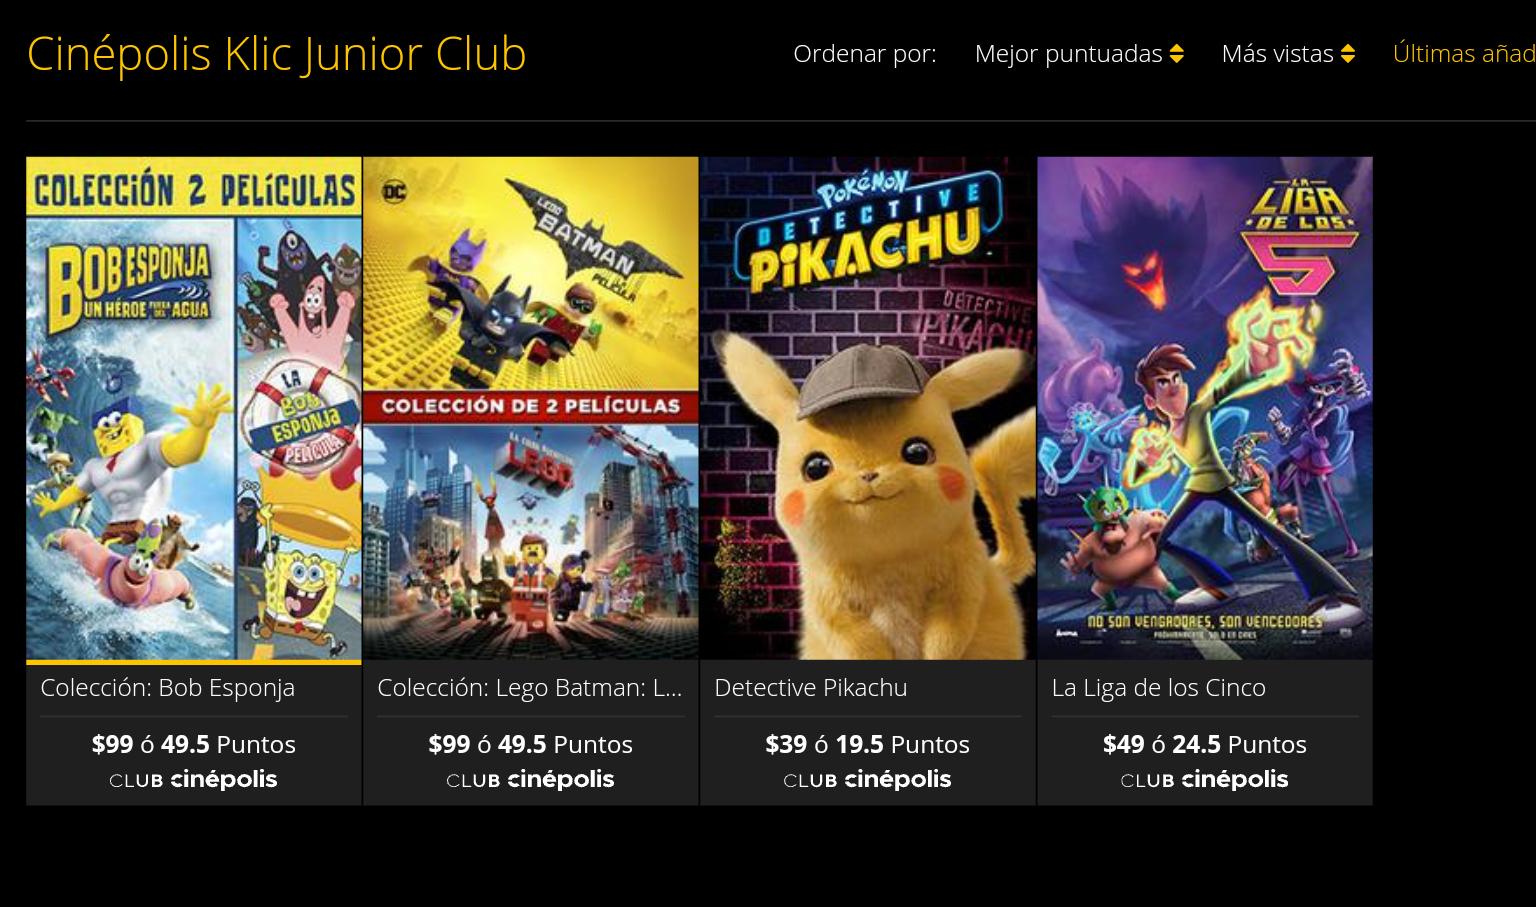 Detective Pikachu a 39 y más Películas en Compra a precio especial en Cinépolis Kilc Junior Club